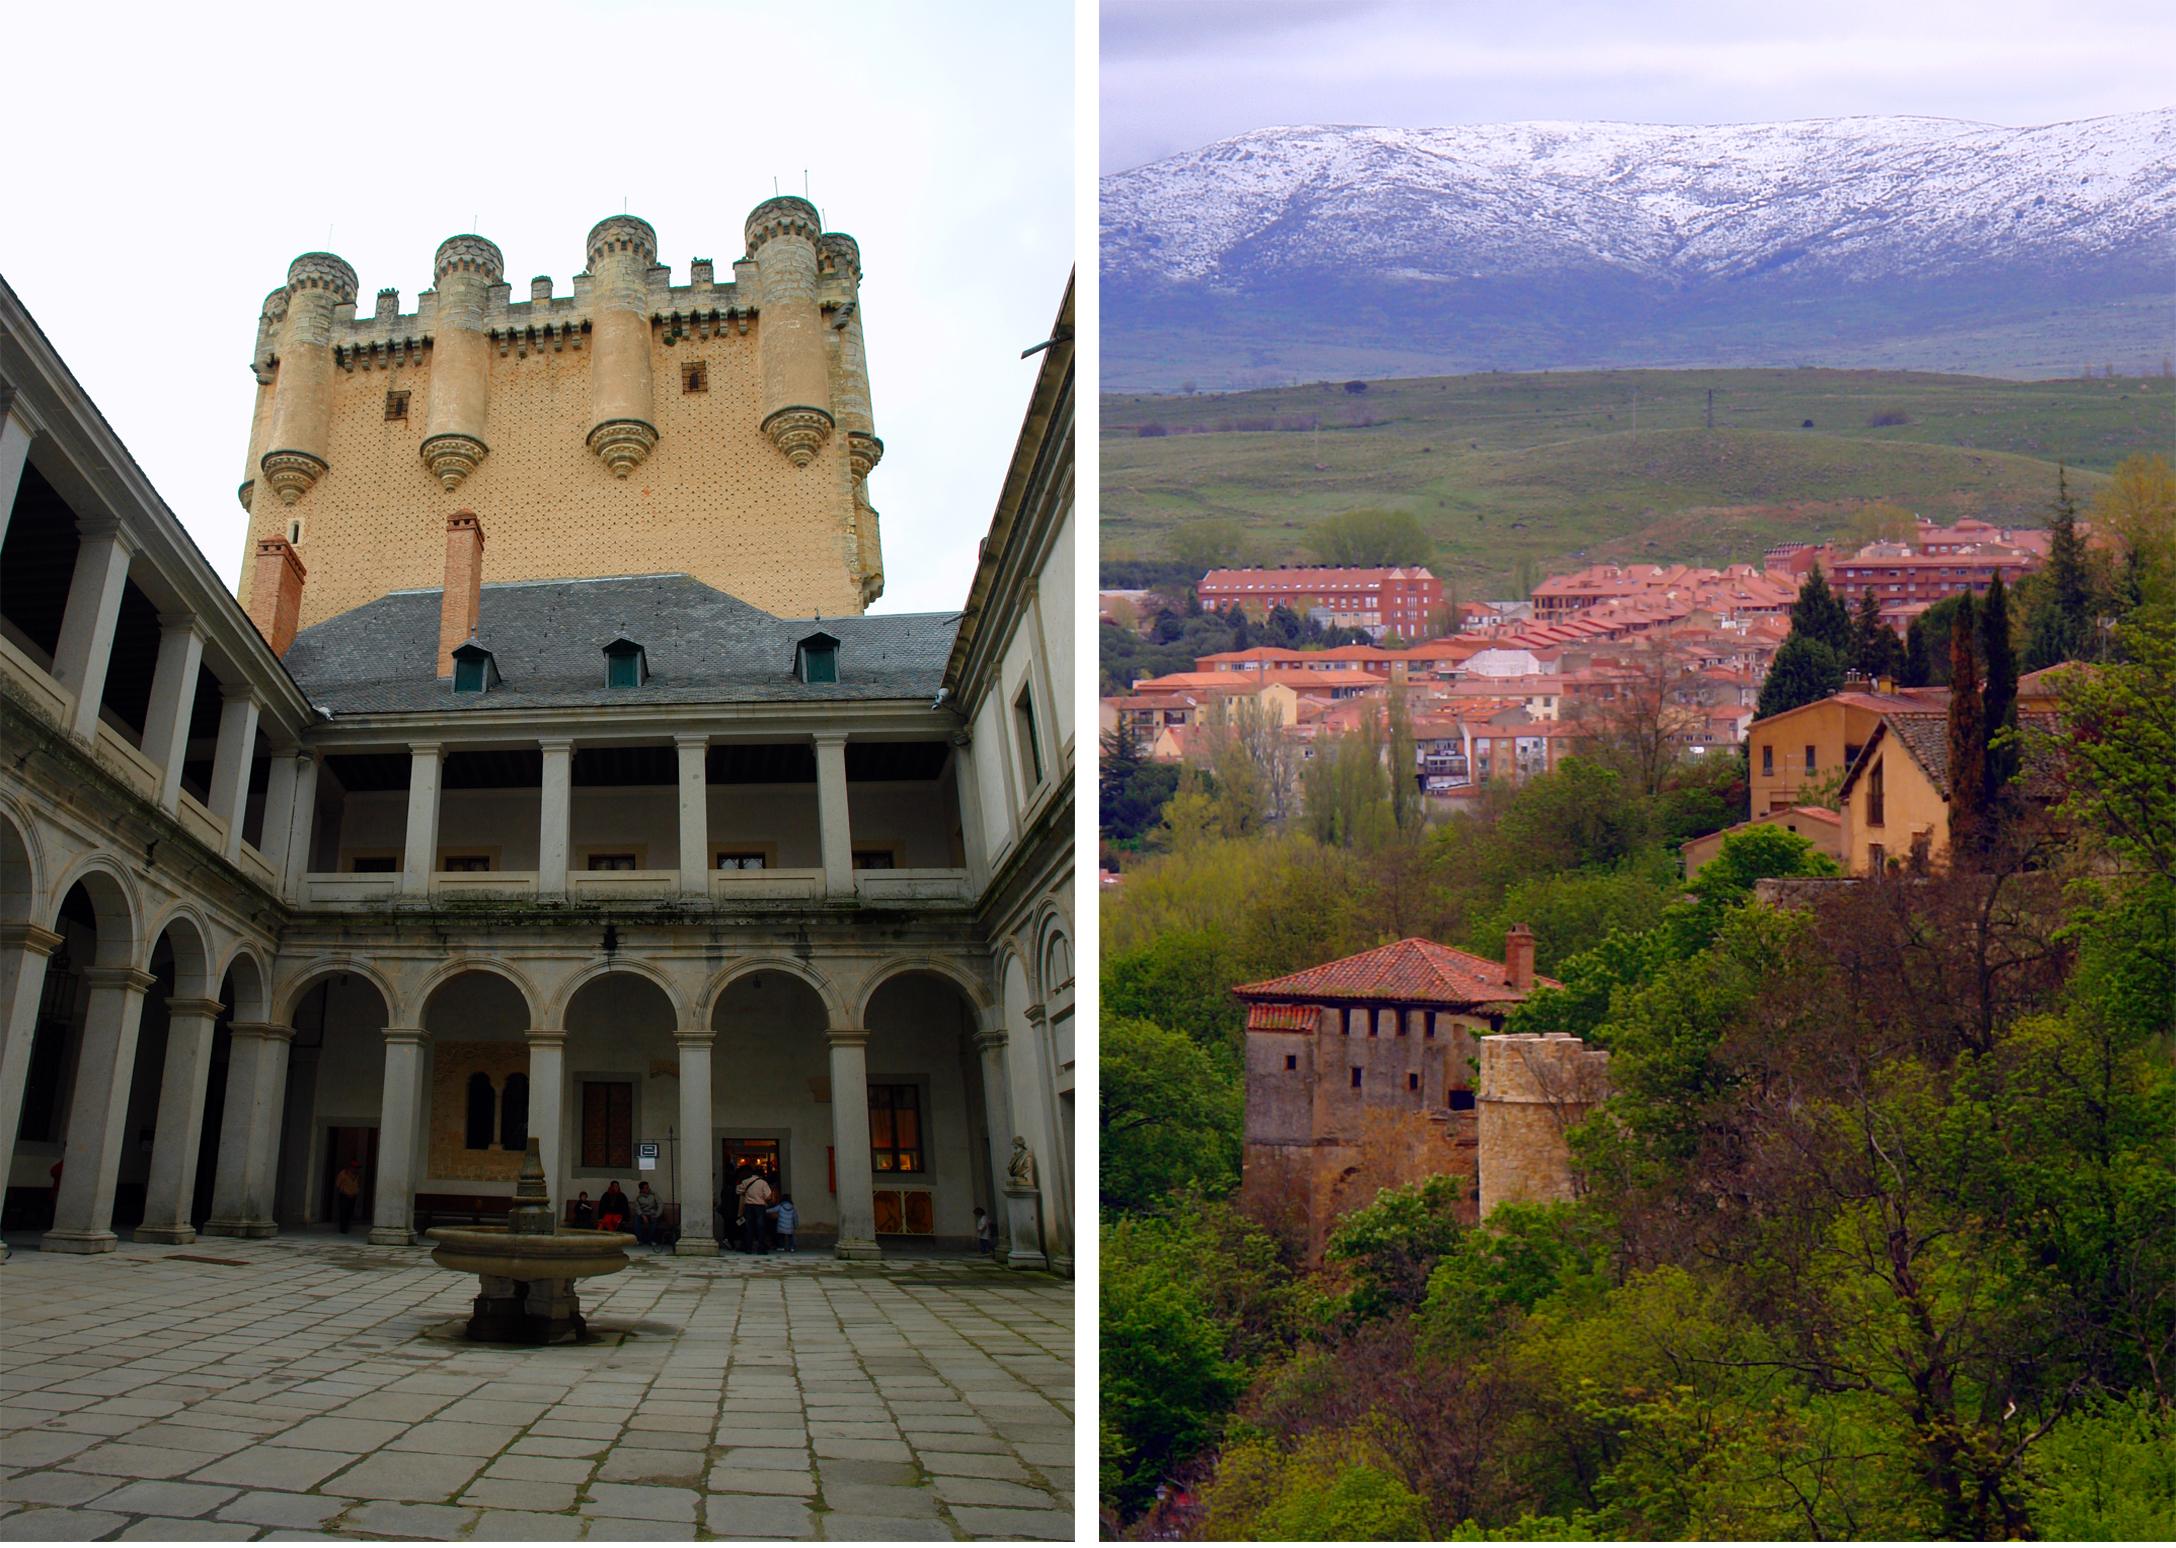 Qué ver Segovia, España qué ver en segovia - 31097728765 b5e145b86f o - Qué ver en Segovia, España